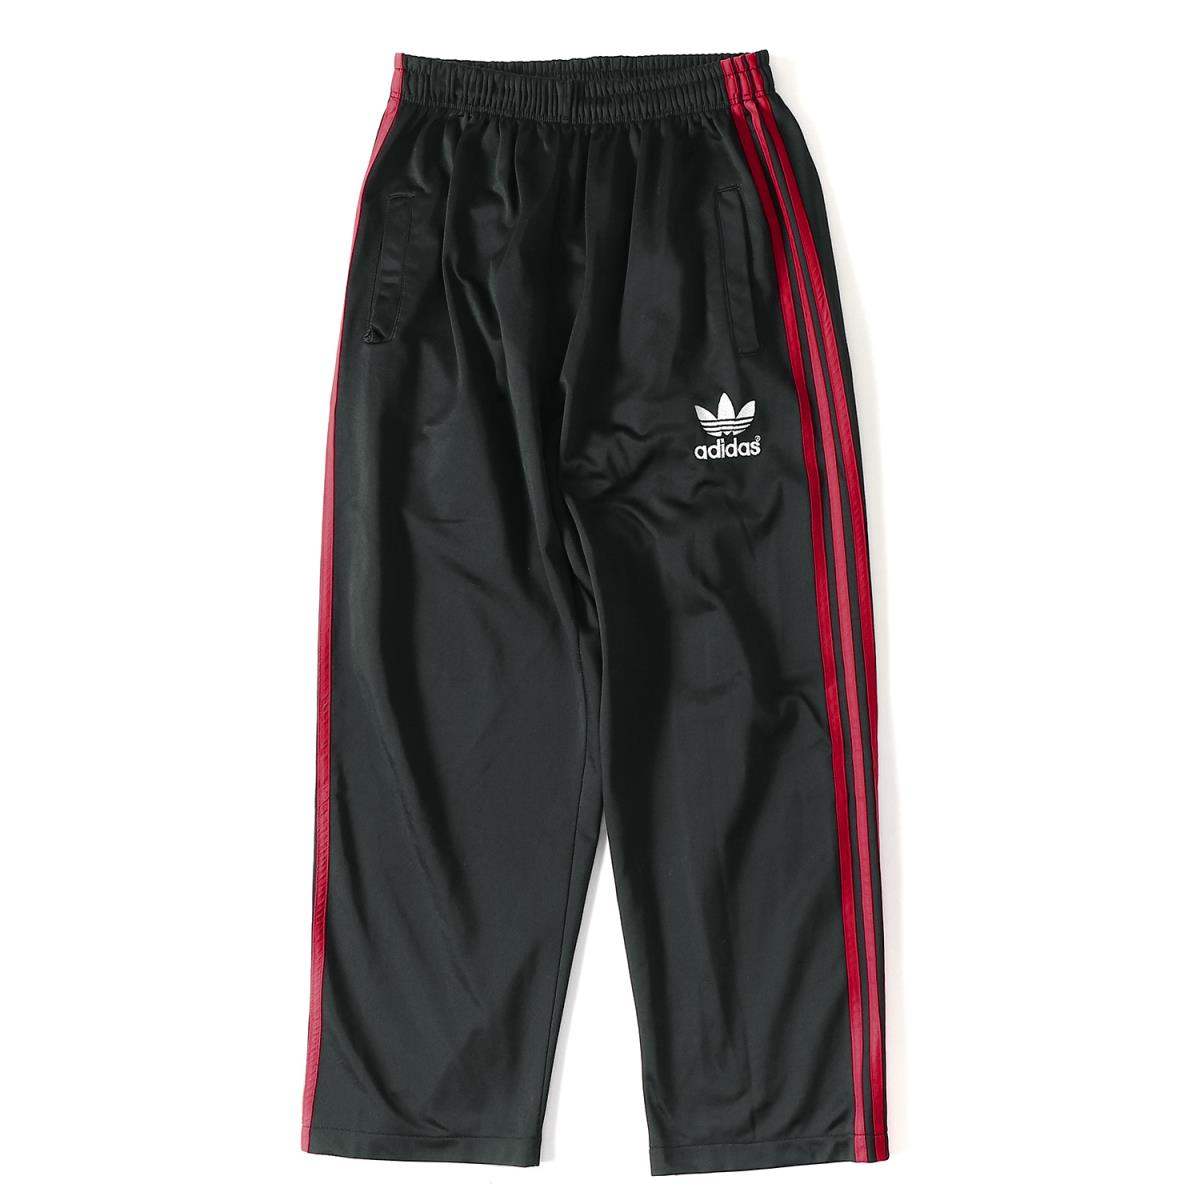 adidas (アディダス) 90's ジャージトラックパンツ ブラック×レッド 【メンズ】【K2044】【中古】【あす楽☆対応可】